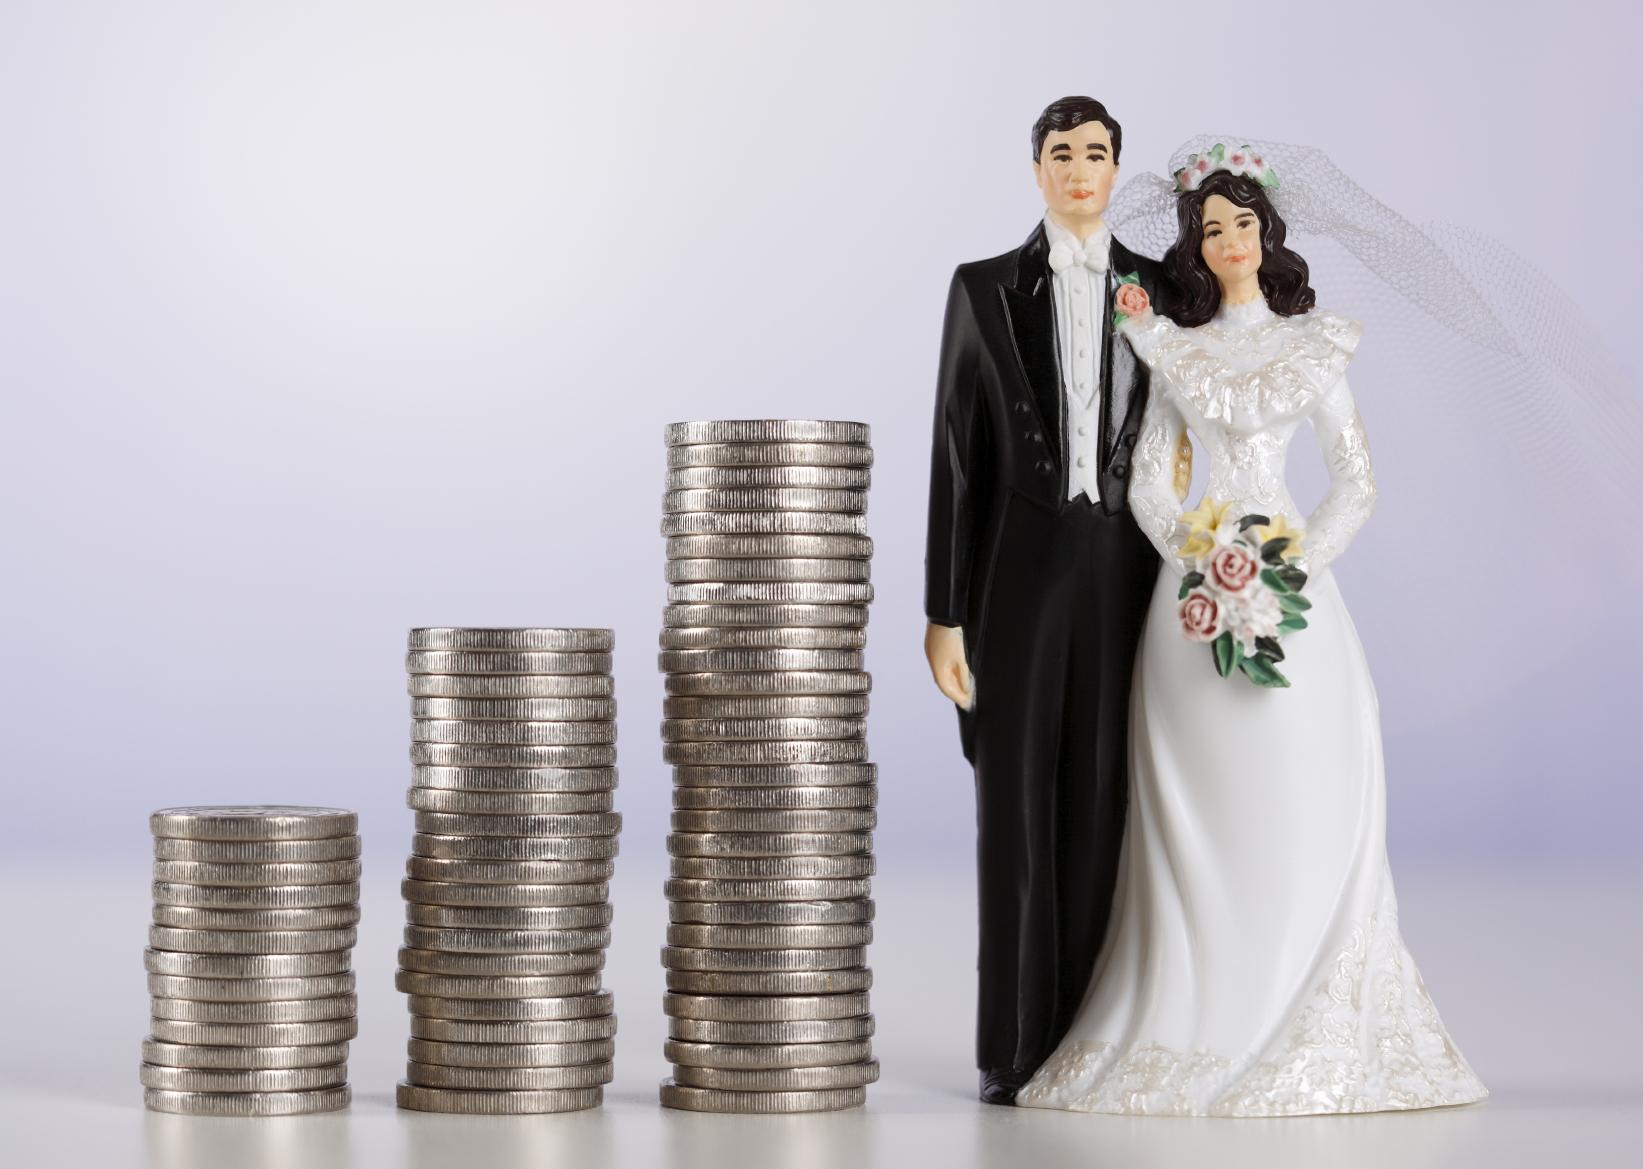 कसे असायला हवे लग्नानंतरचे मुलींचे आर्थिक स्वातंत्र्य ?